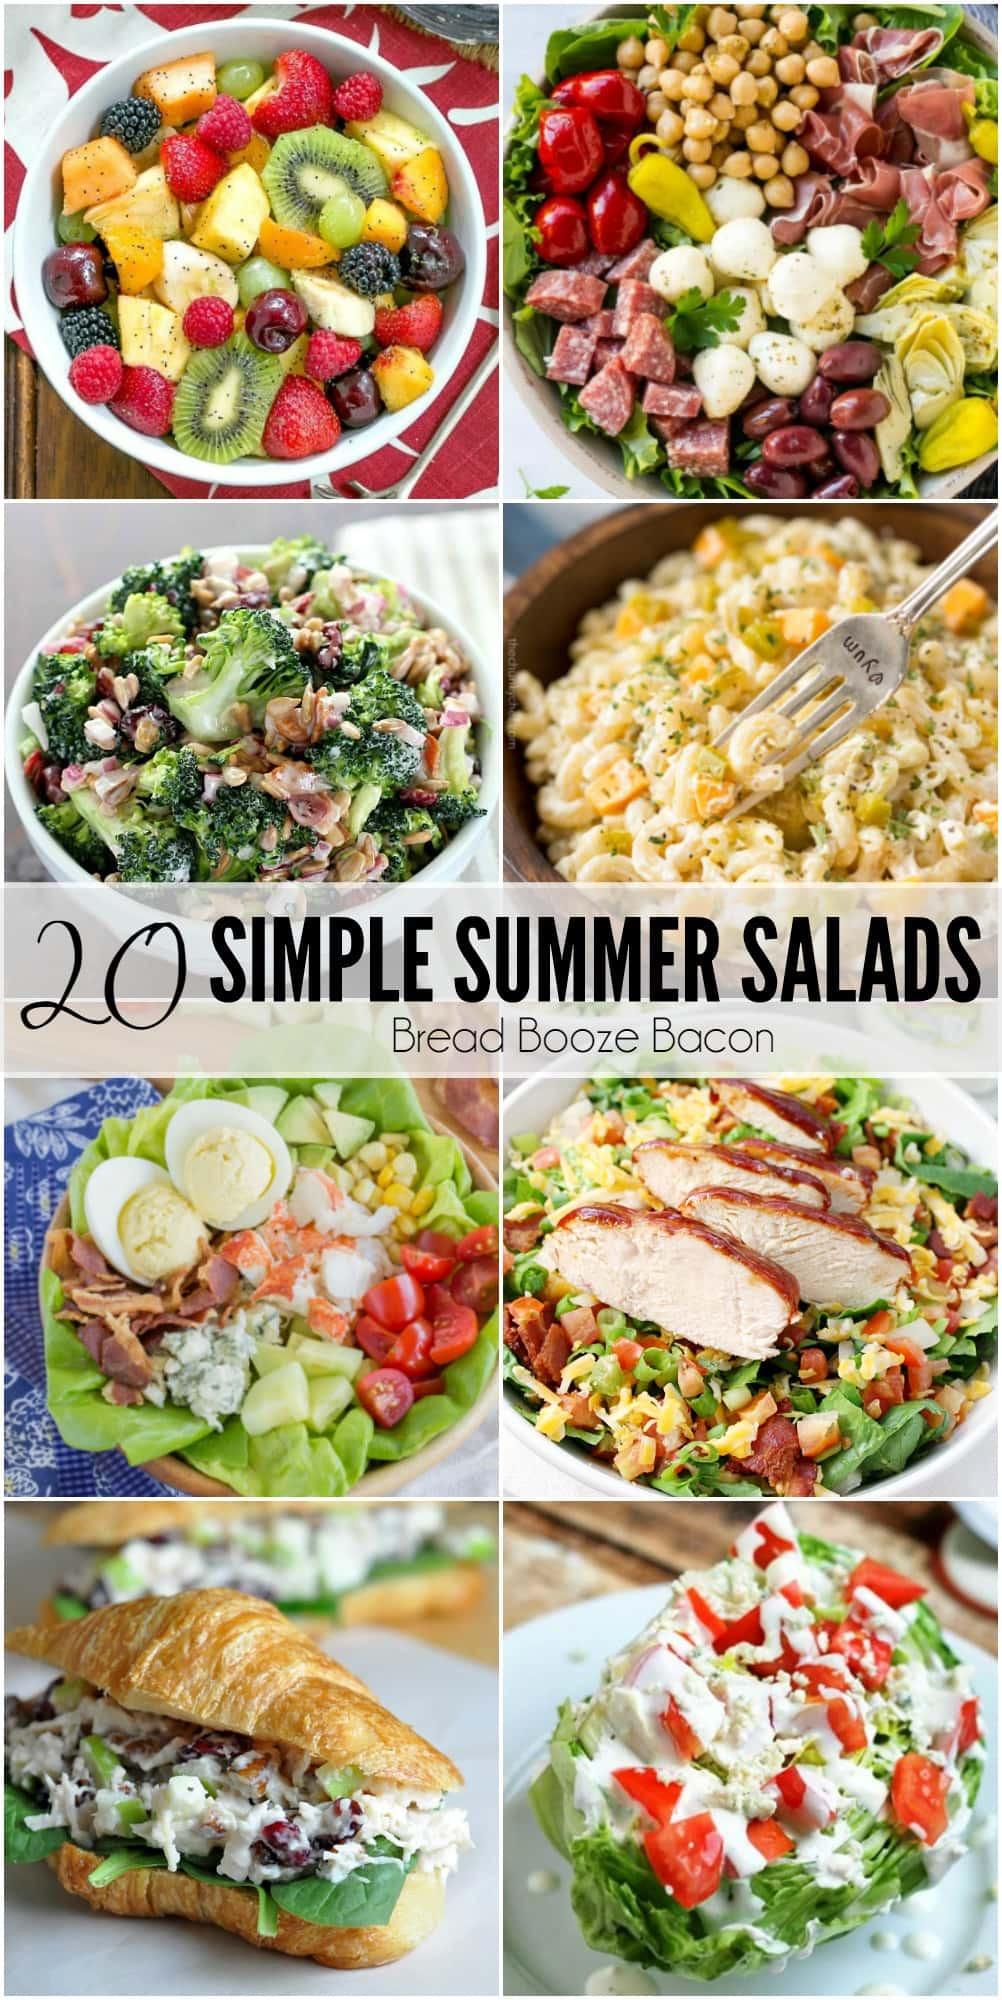 Summer Dinner Ideas Hot Days  20 Simple Summer Salad Recipes • Bread Booze Bacon